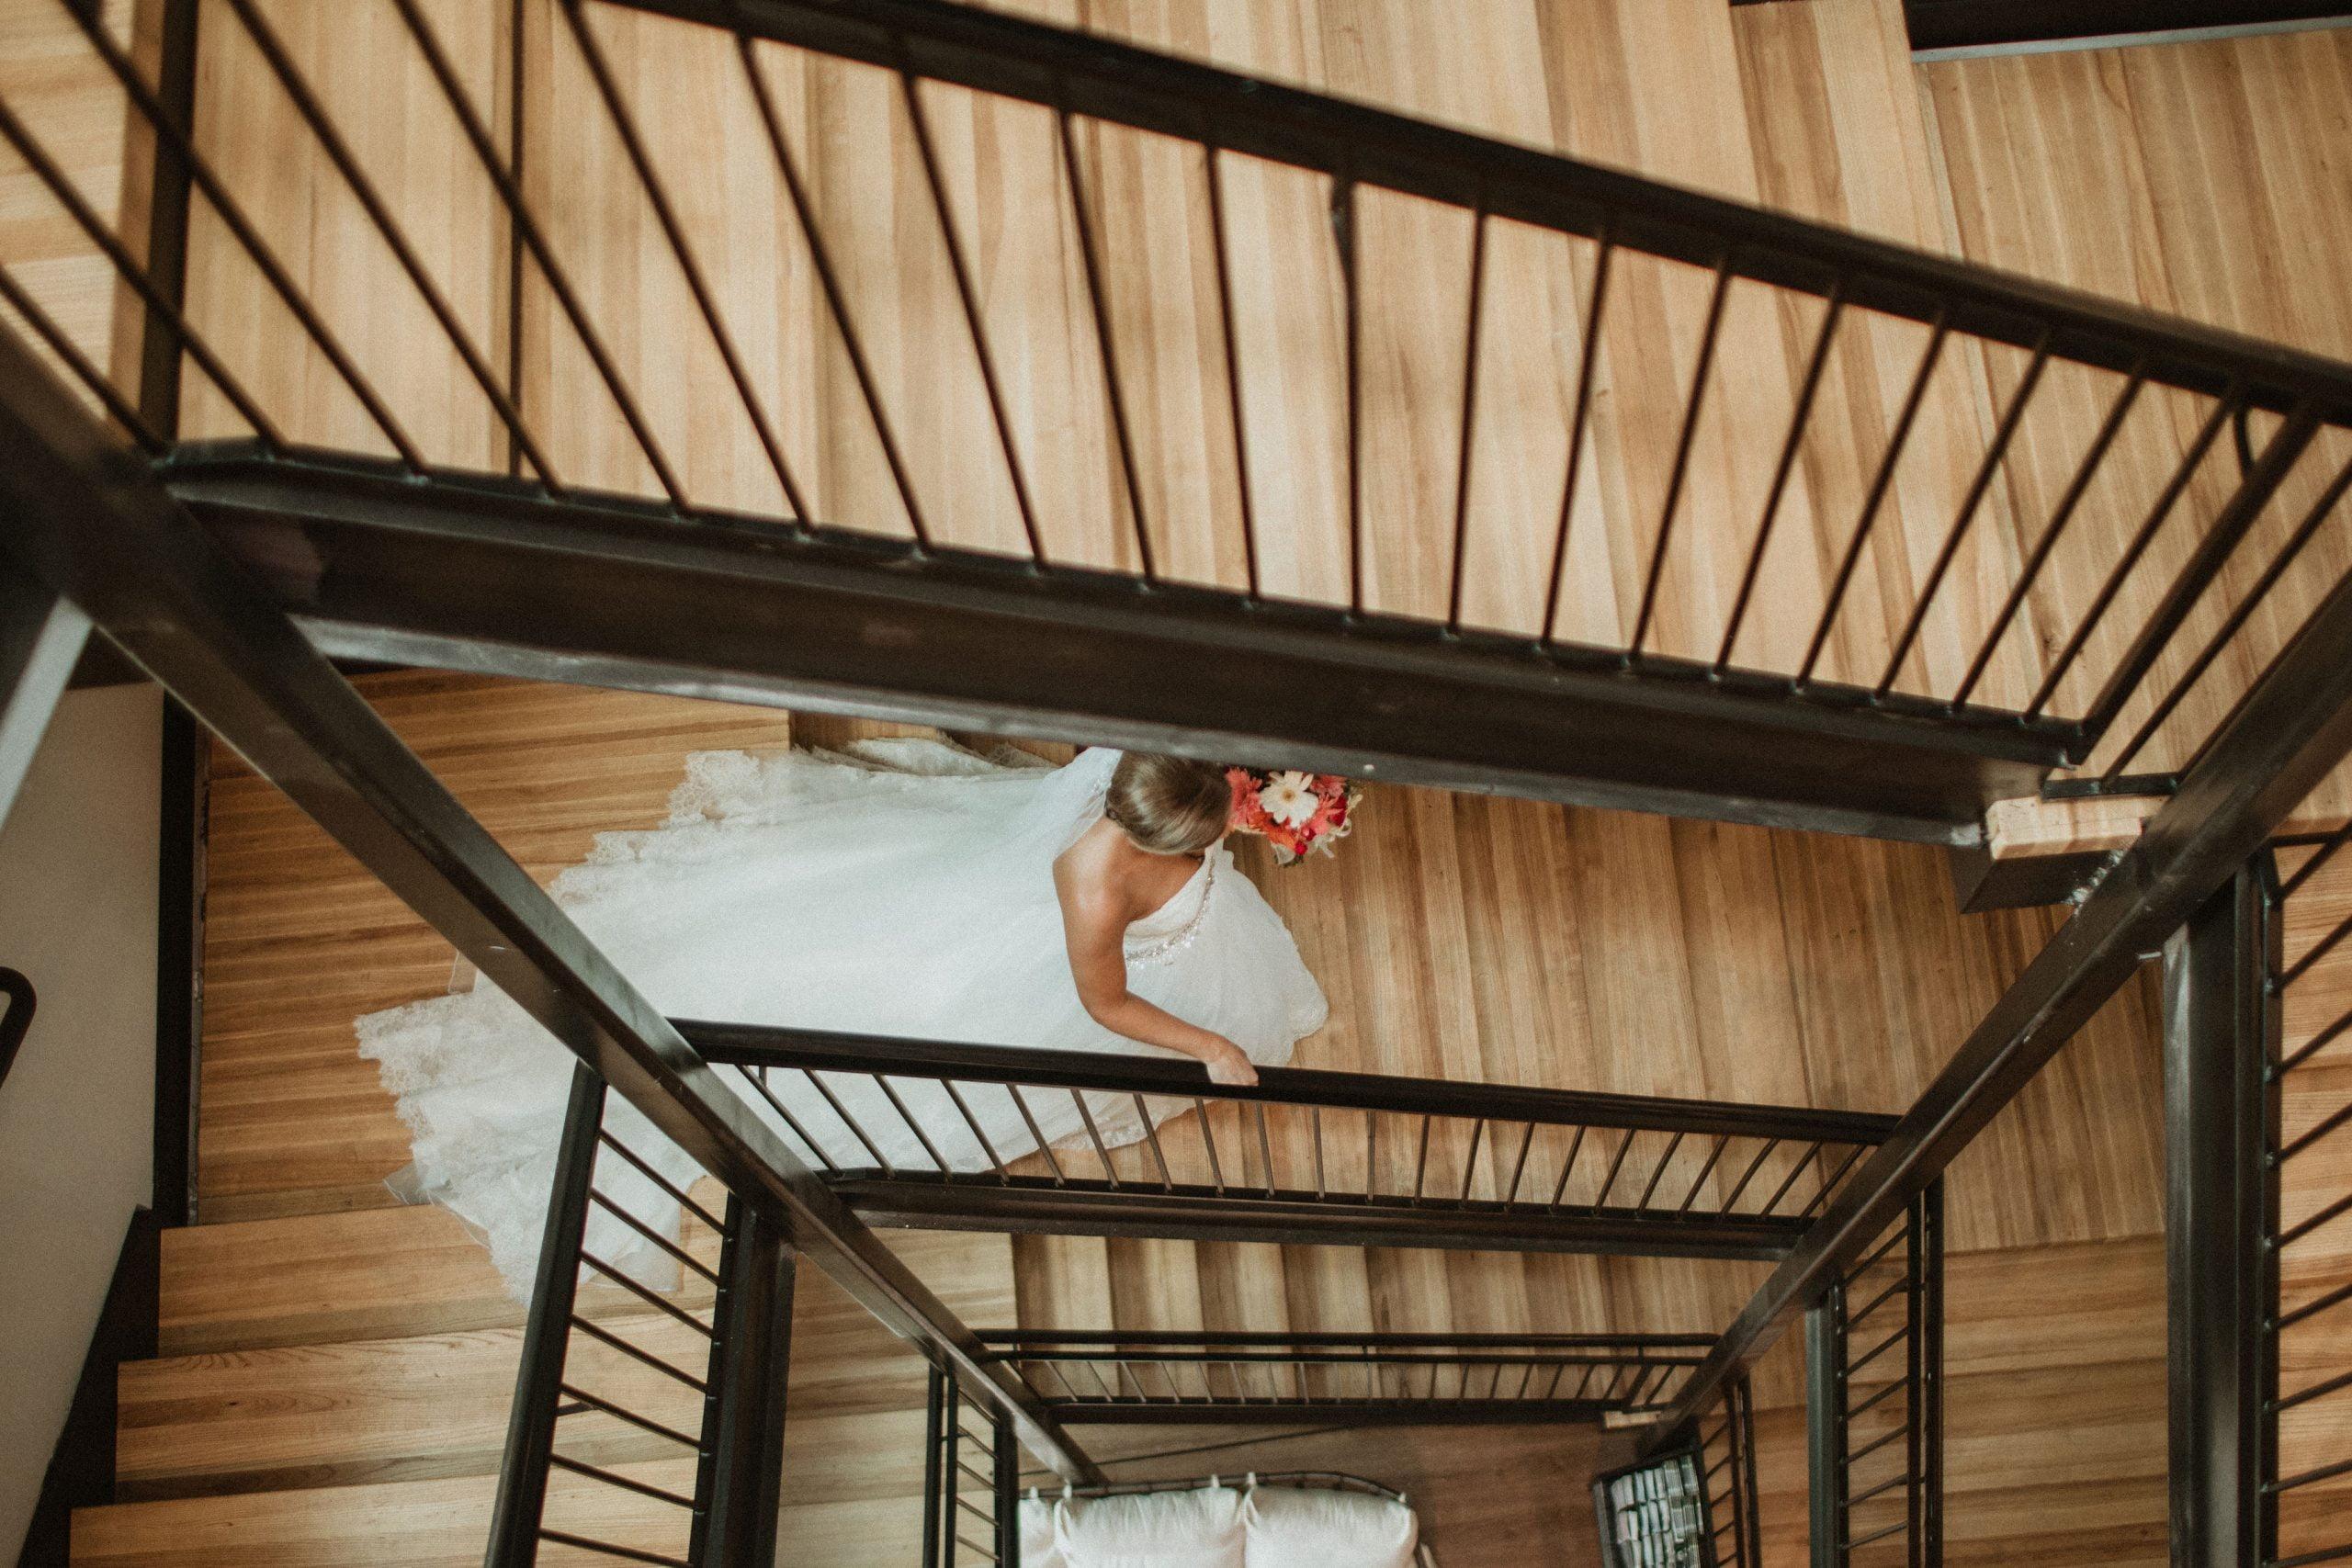 Hotel Lobby is one of three venues for your Auburn AL wedding